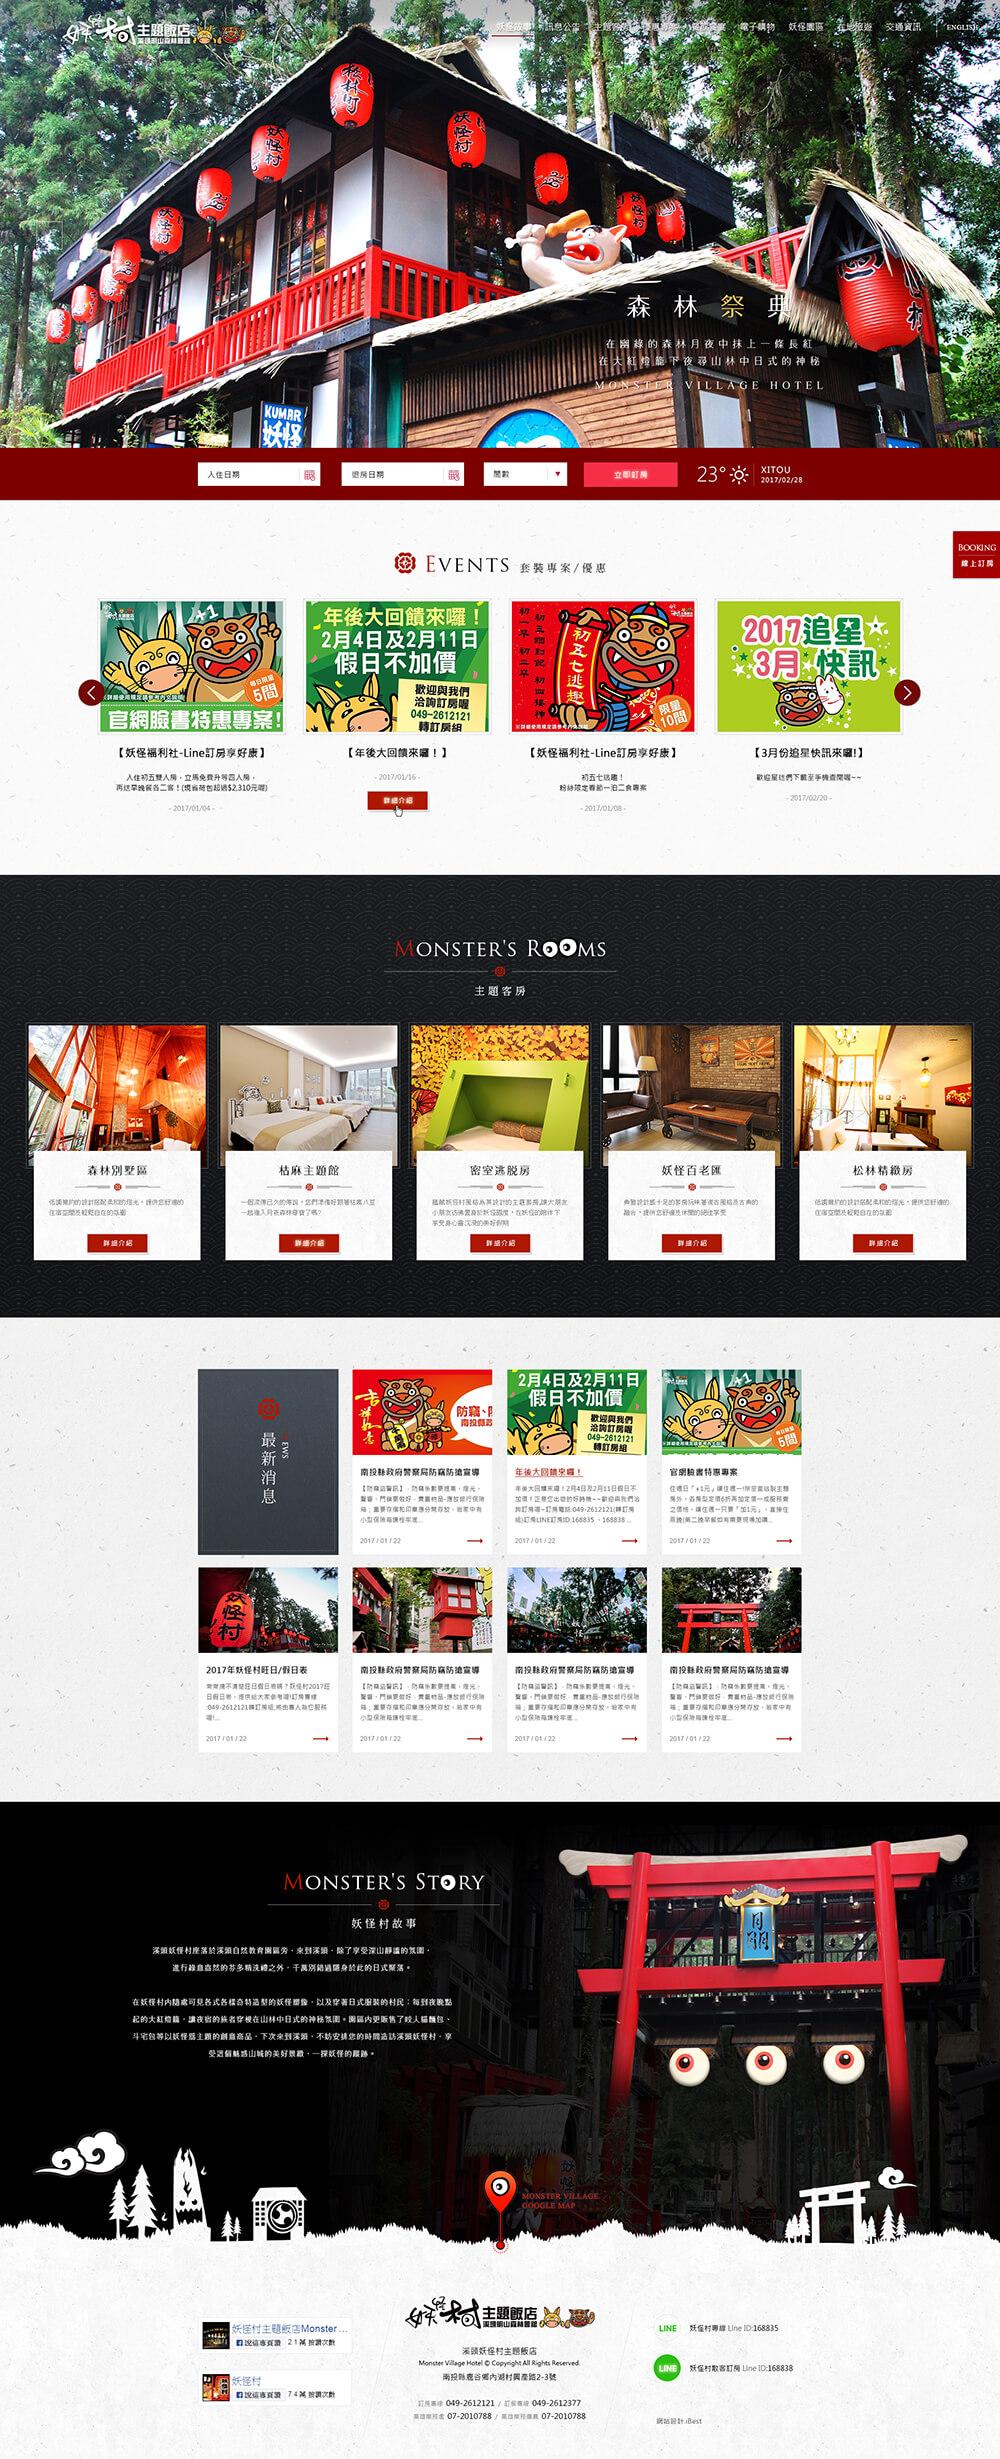 溪頭妖怪村主題飯店-網頁設計